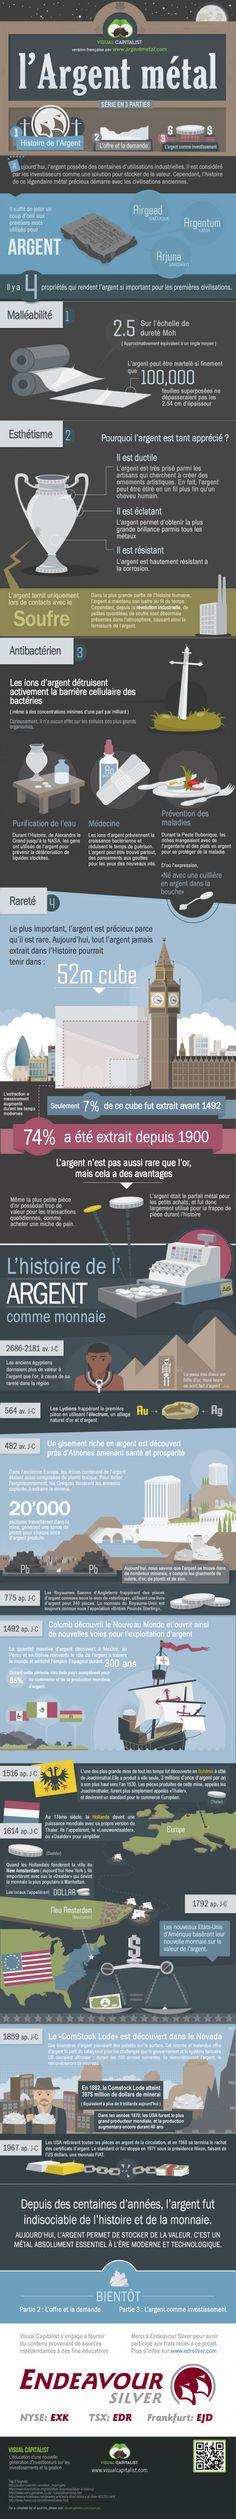 Une infographie sur l'Histoire de l'argent, de la série initiée par Visual Capitalist, et traduite en français par le webmaster du site Argent Métal.